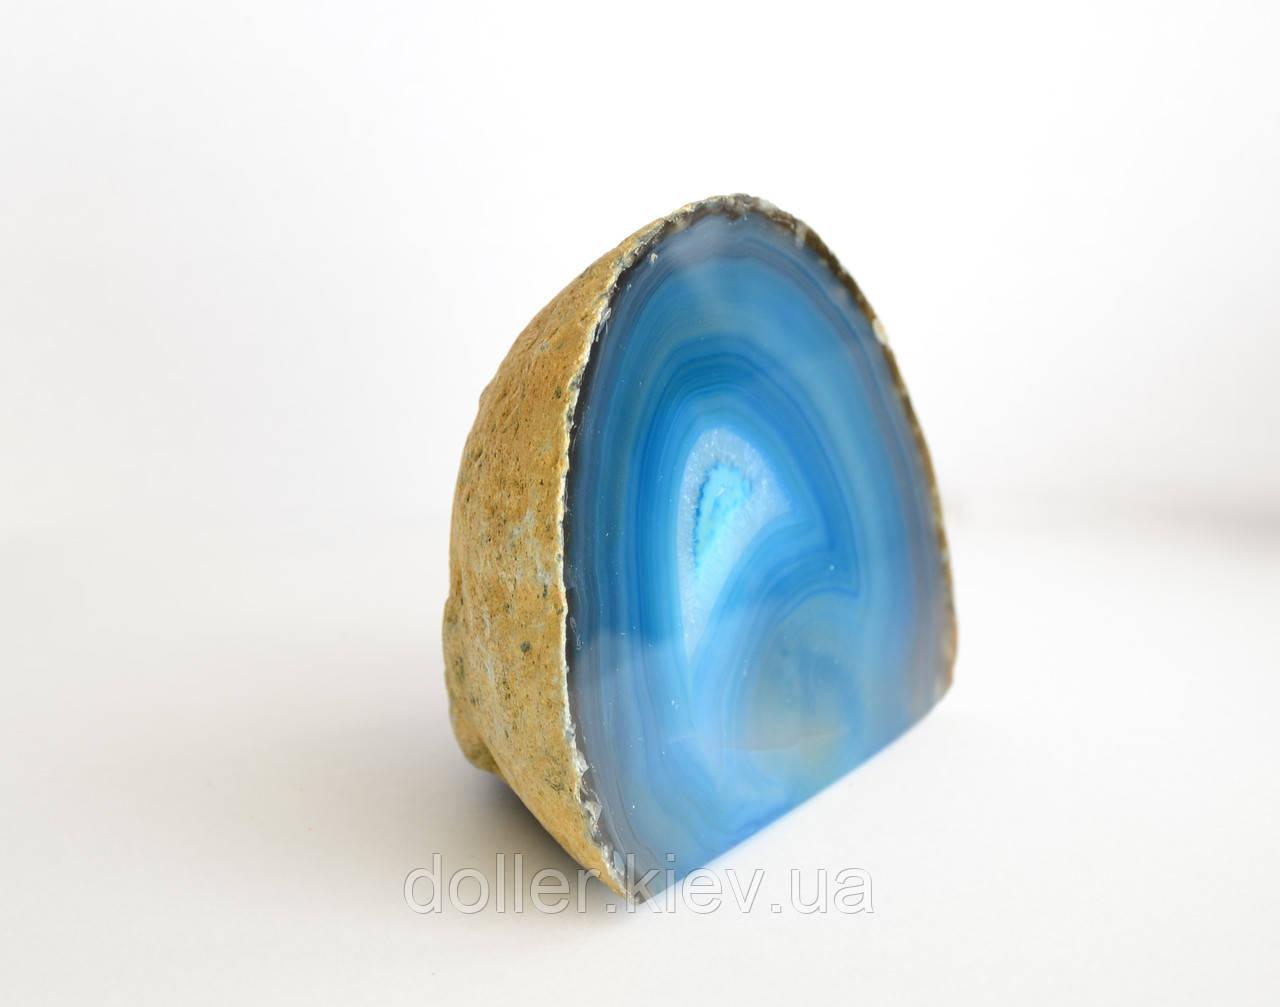 Агатовая жеода с кристаллами горного хрусталя (бирюзовая гамма)